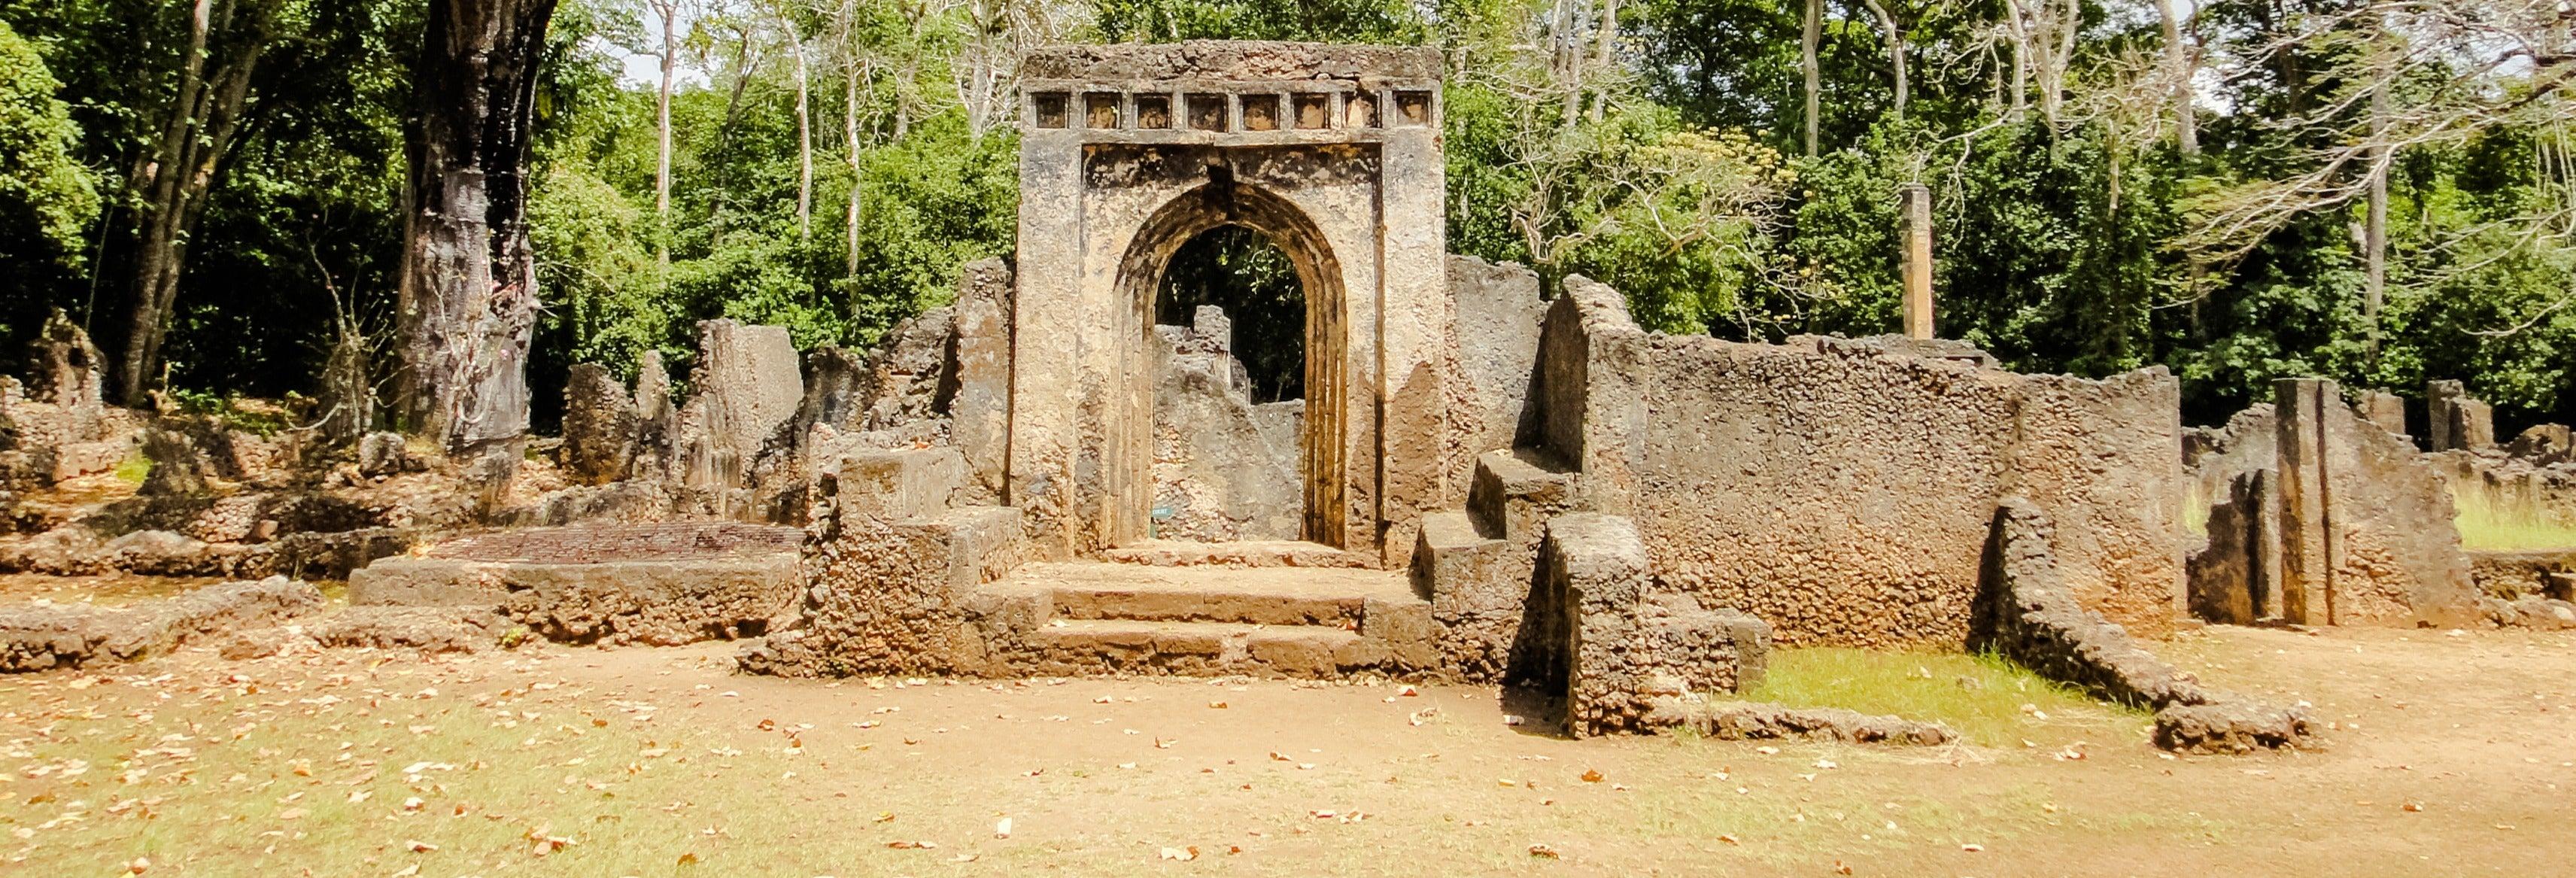 Excursión a las ruinas de Gede